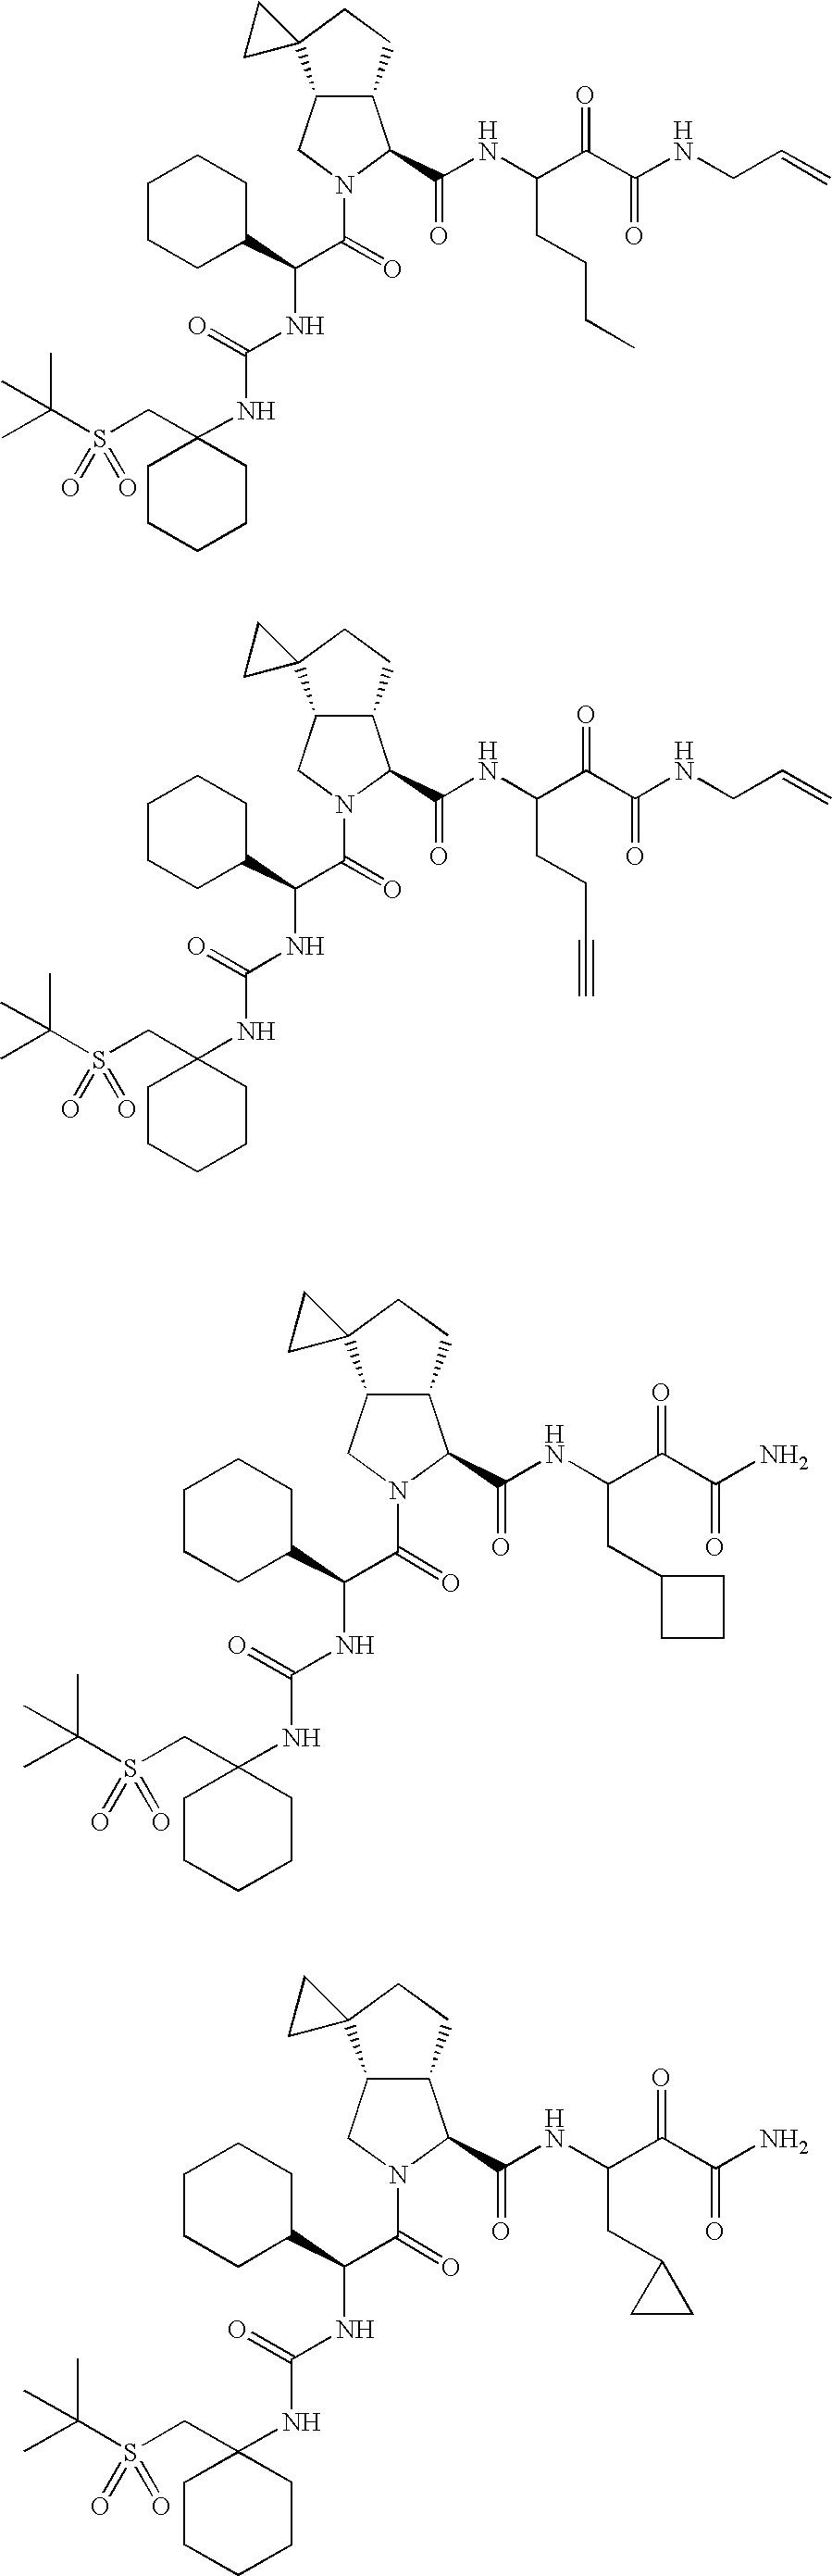 Figure US20060287248A1-20061221-C00506